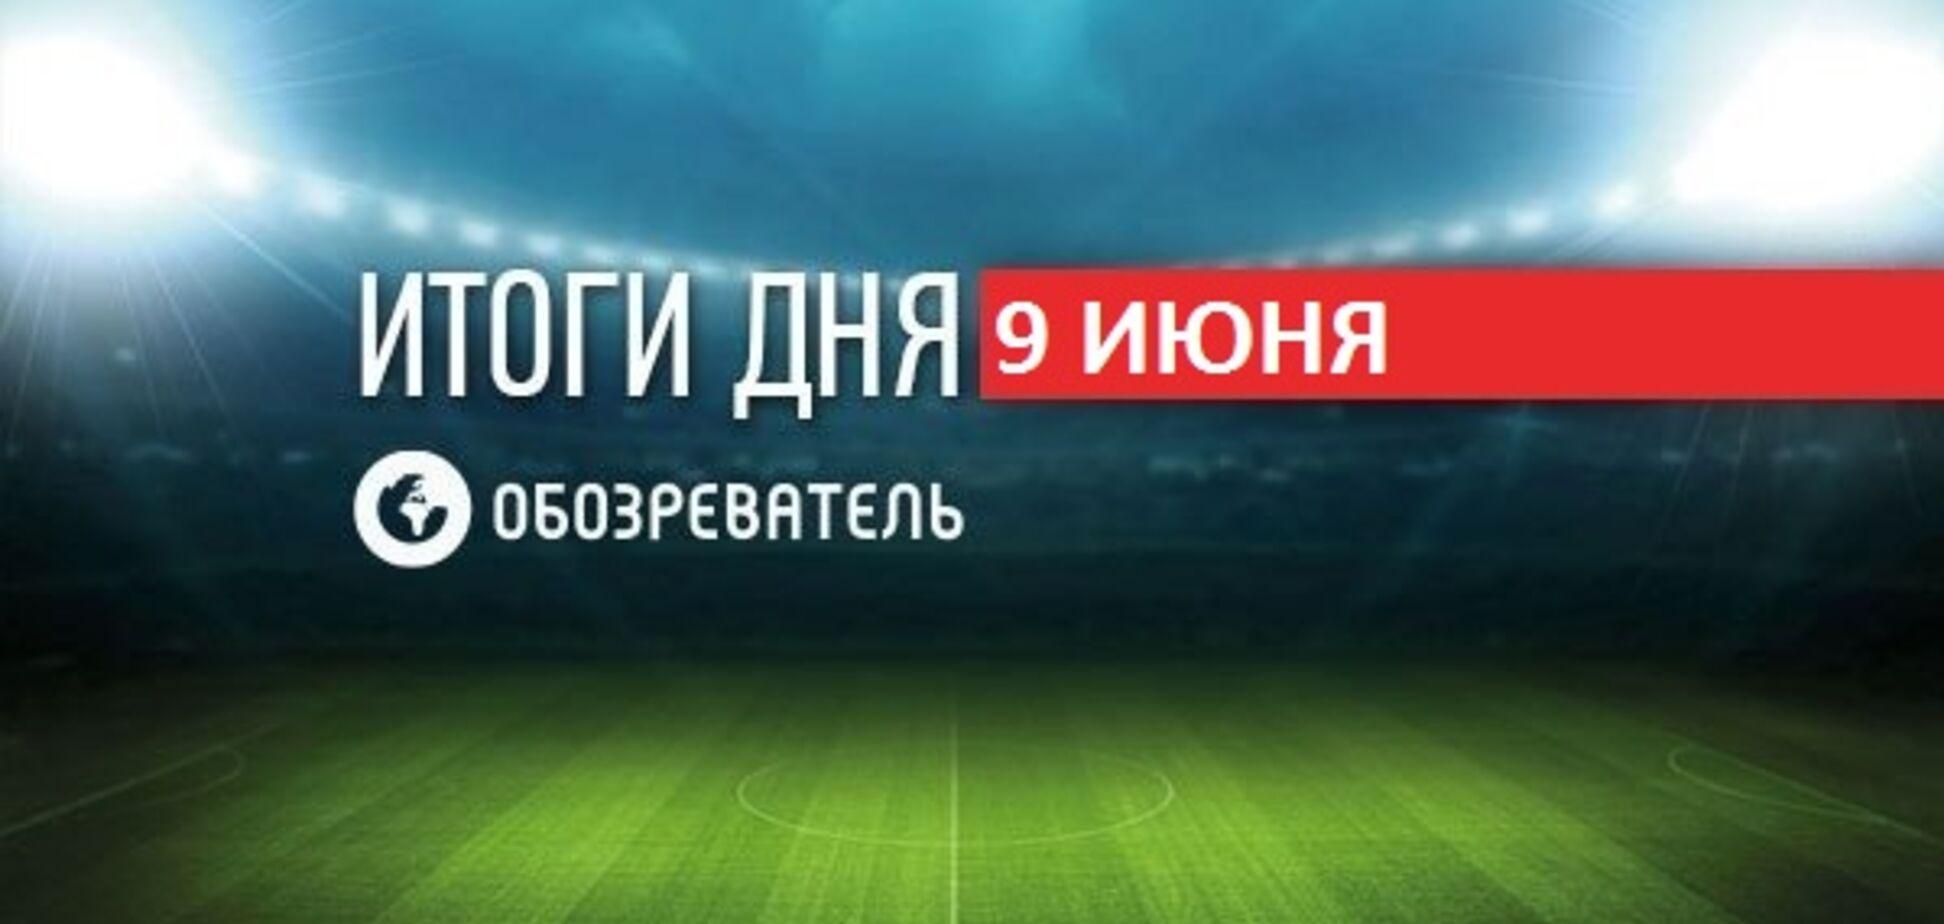 Гвоздик завершив кар'єру: спортивні підсумки 9 червня